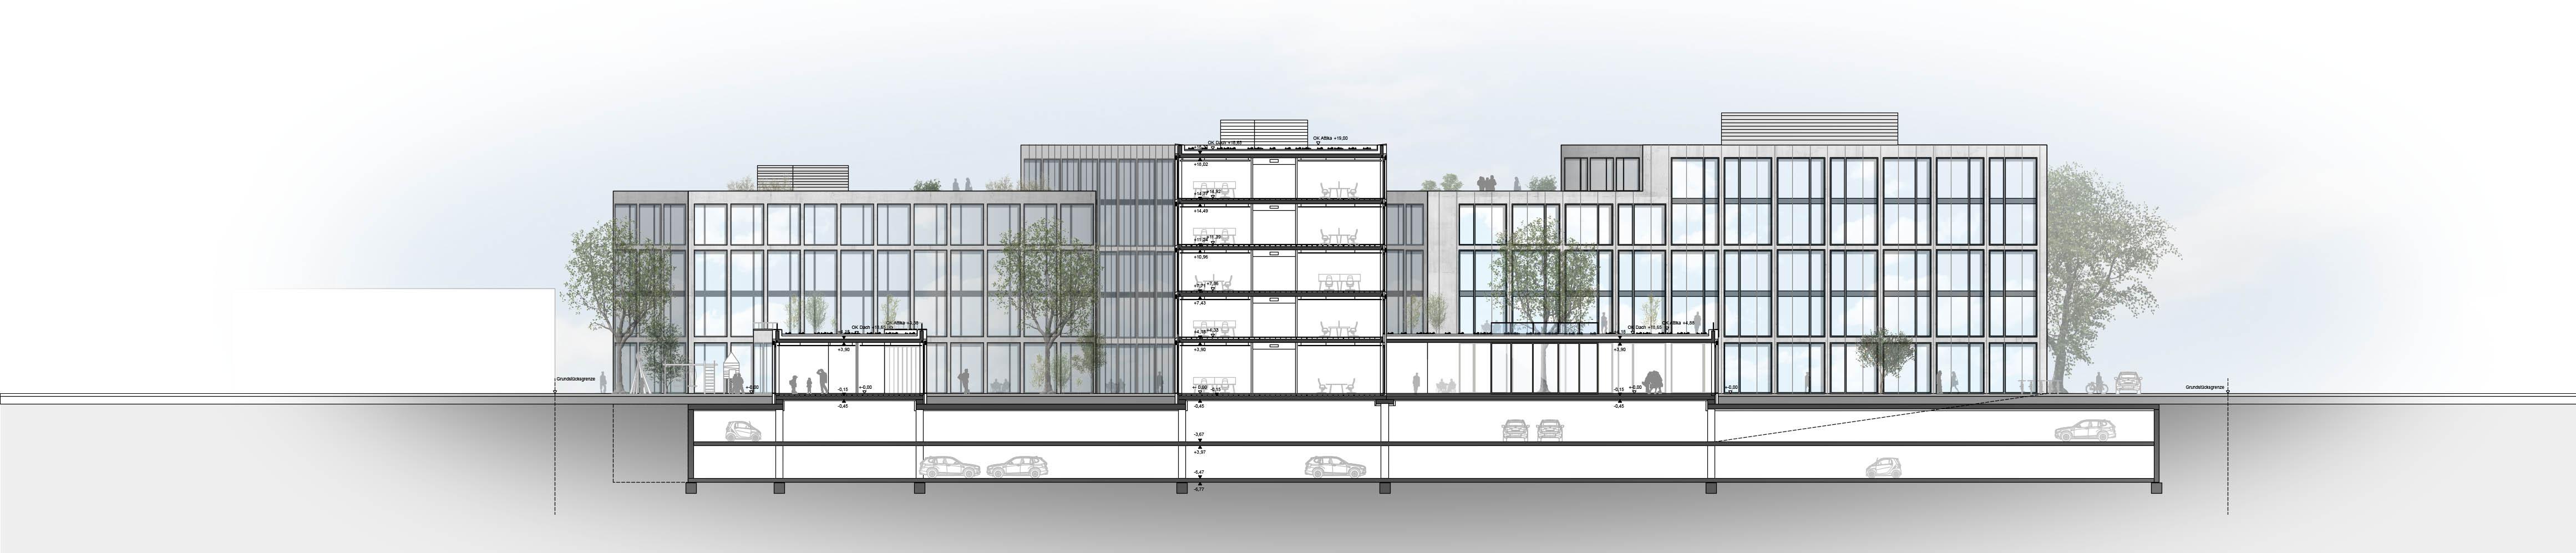 Schnitt Bürogebäude Architektur